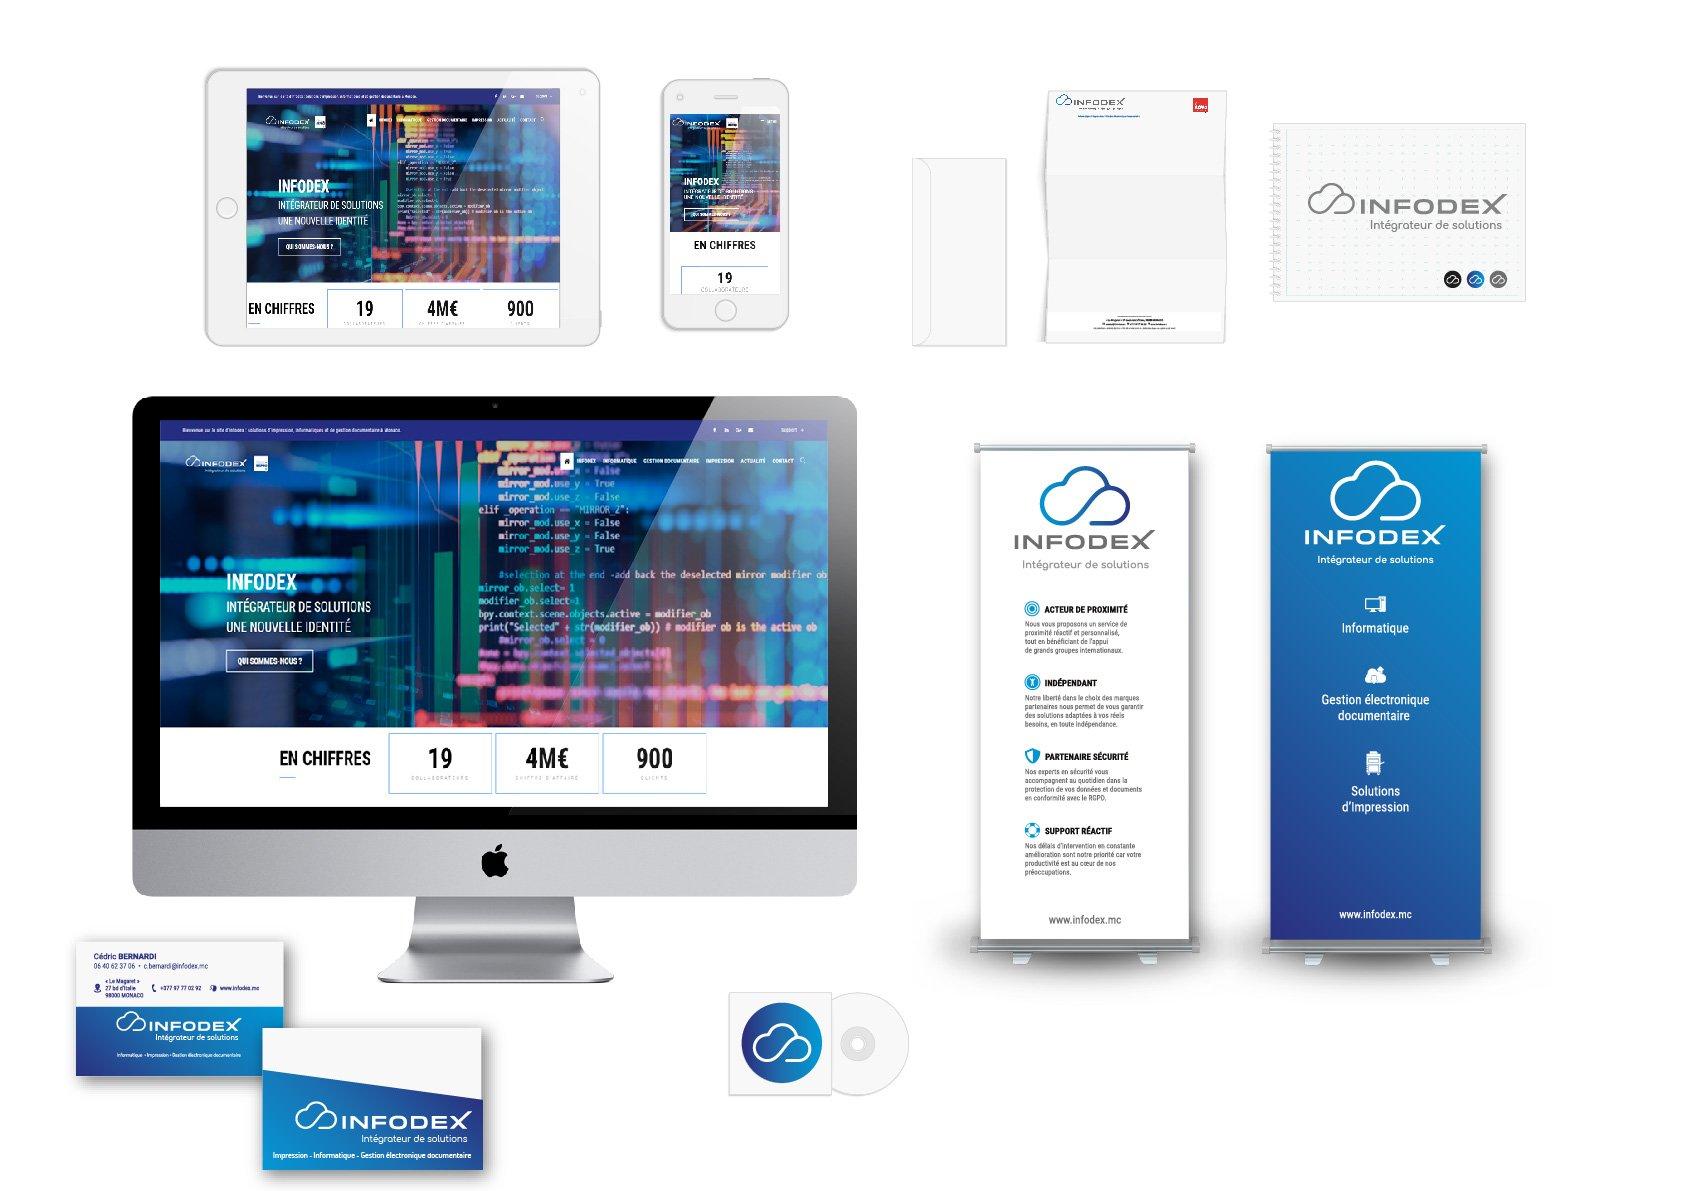 Infodex - Identite visuelle